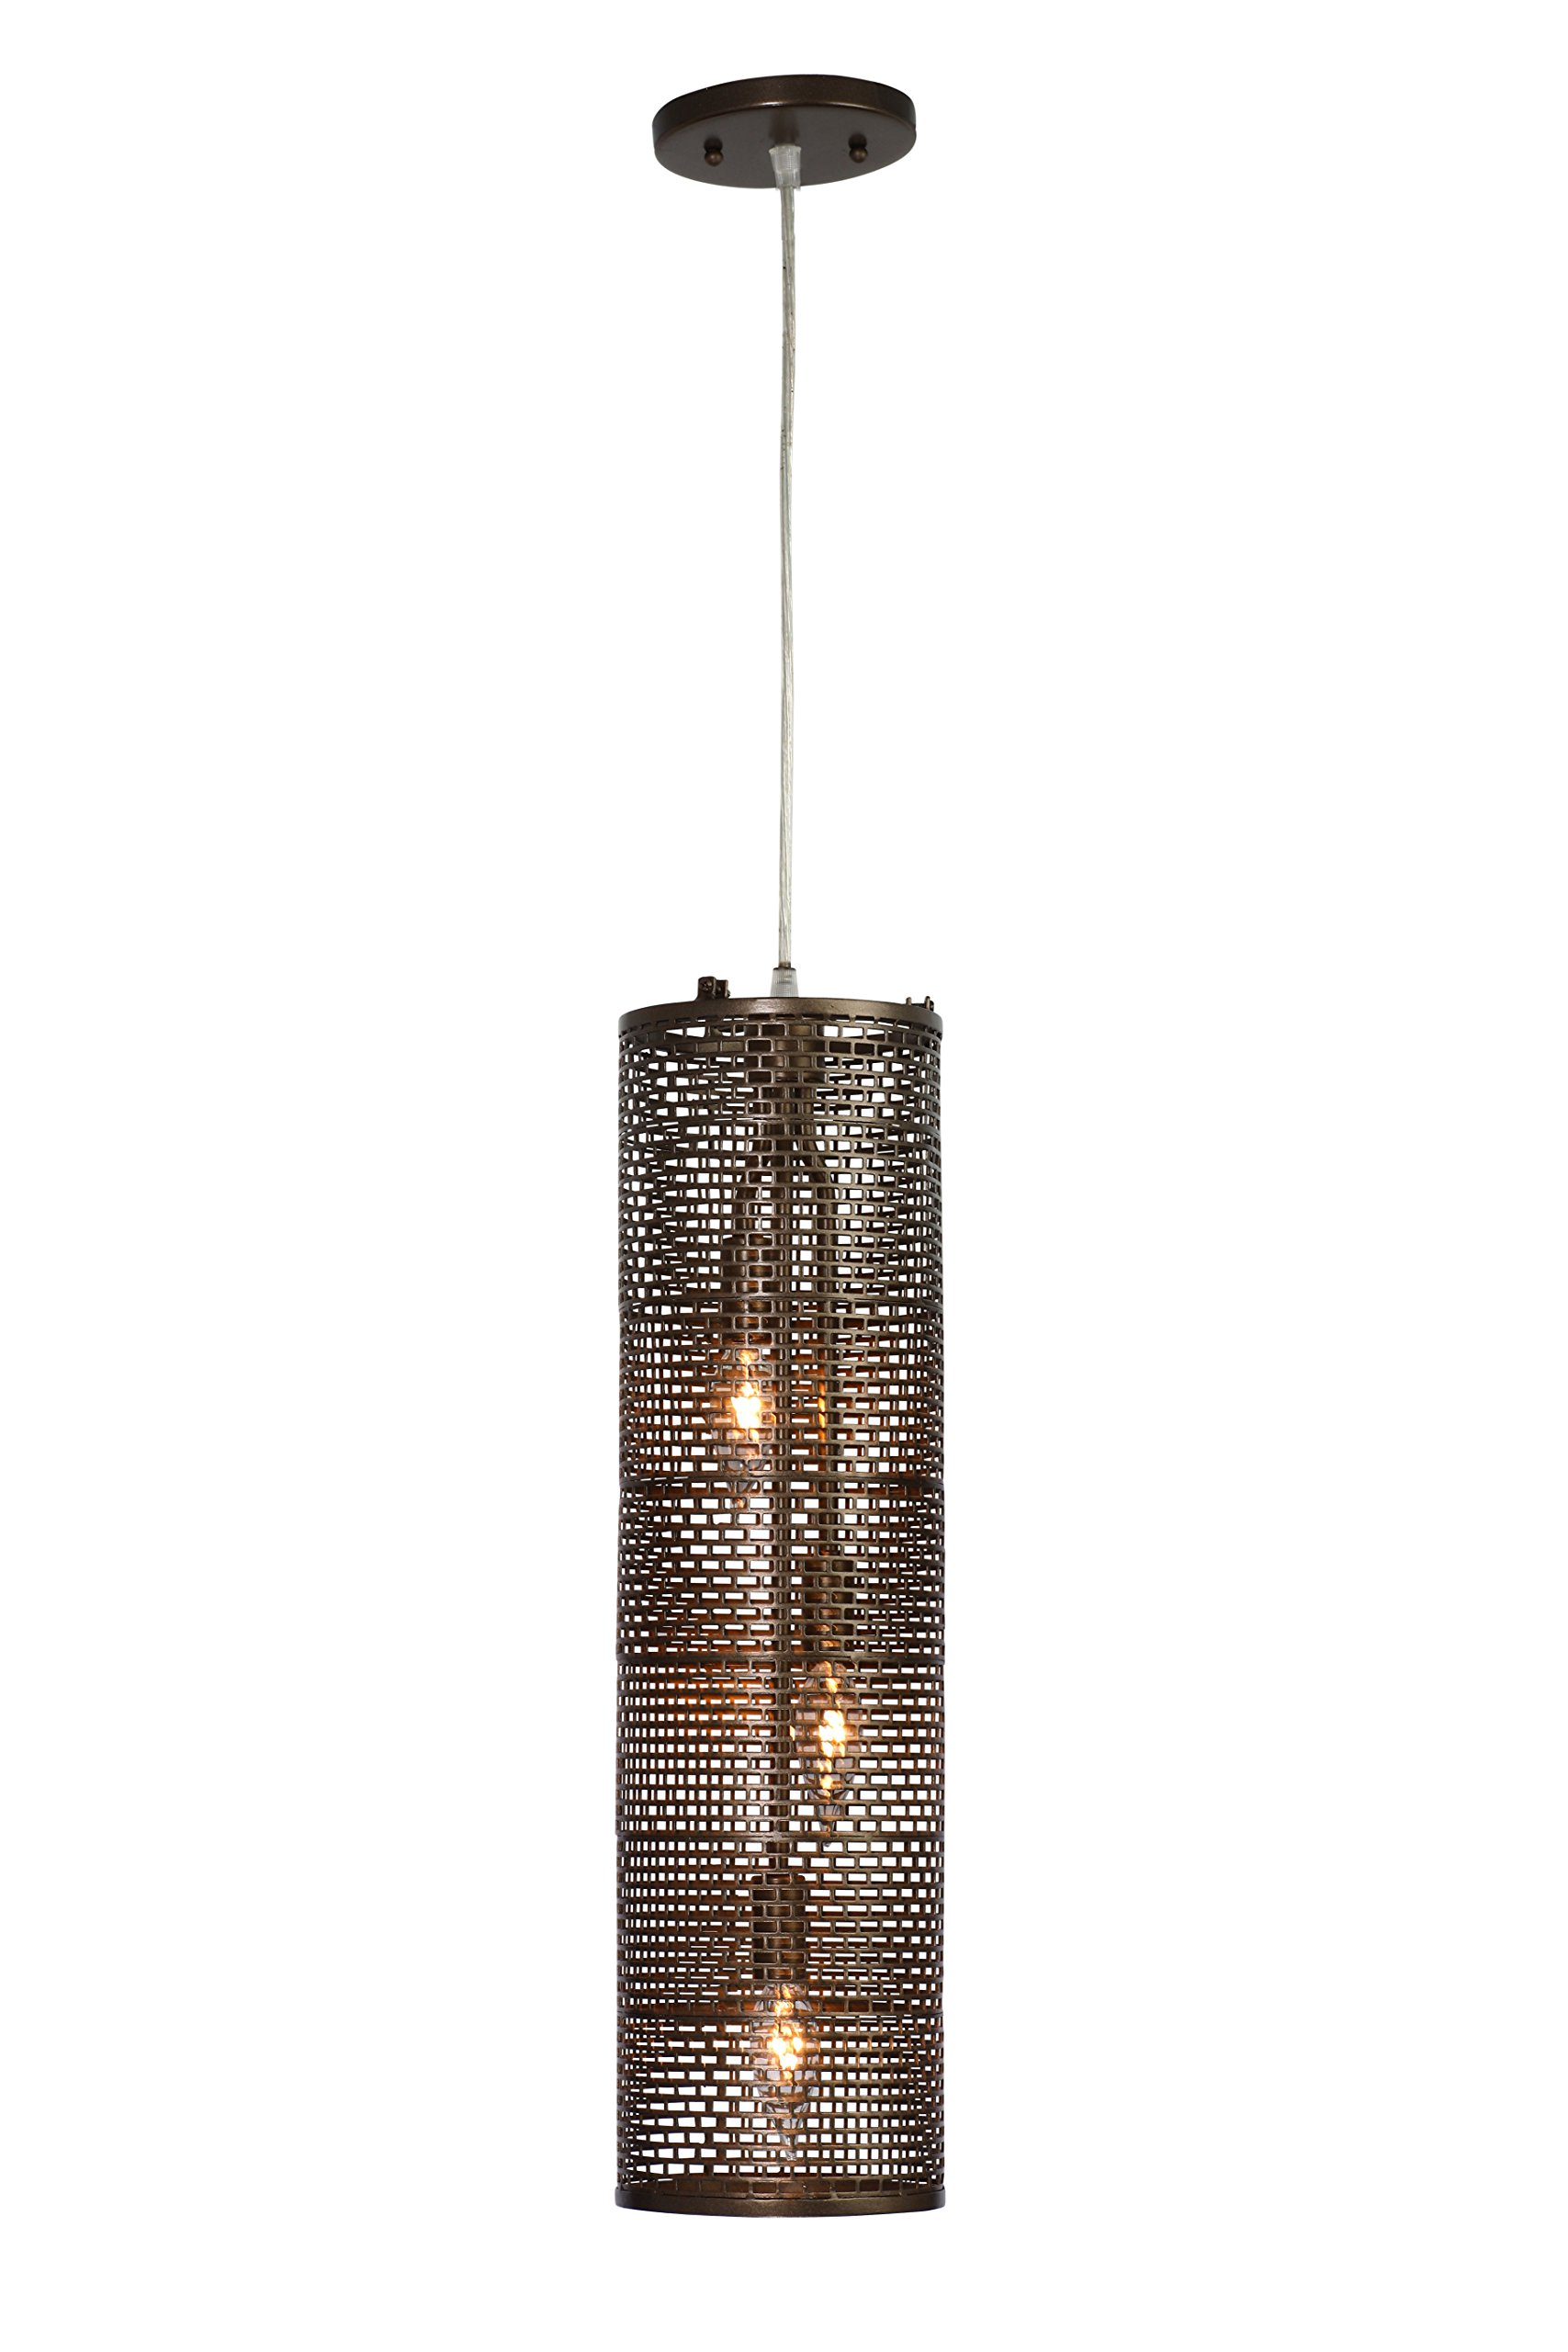 Lit-Mesh Test 3-Light Foyer Pendant - New Bronze Finish